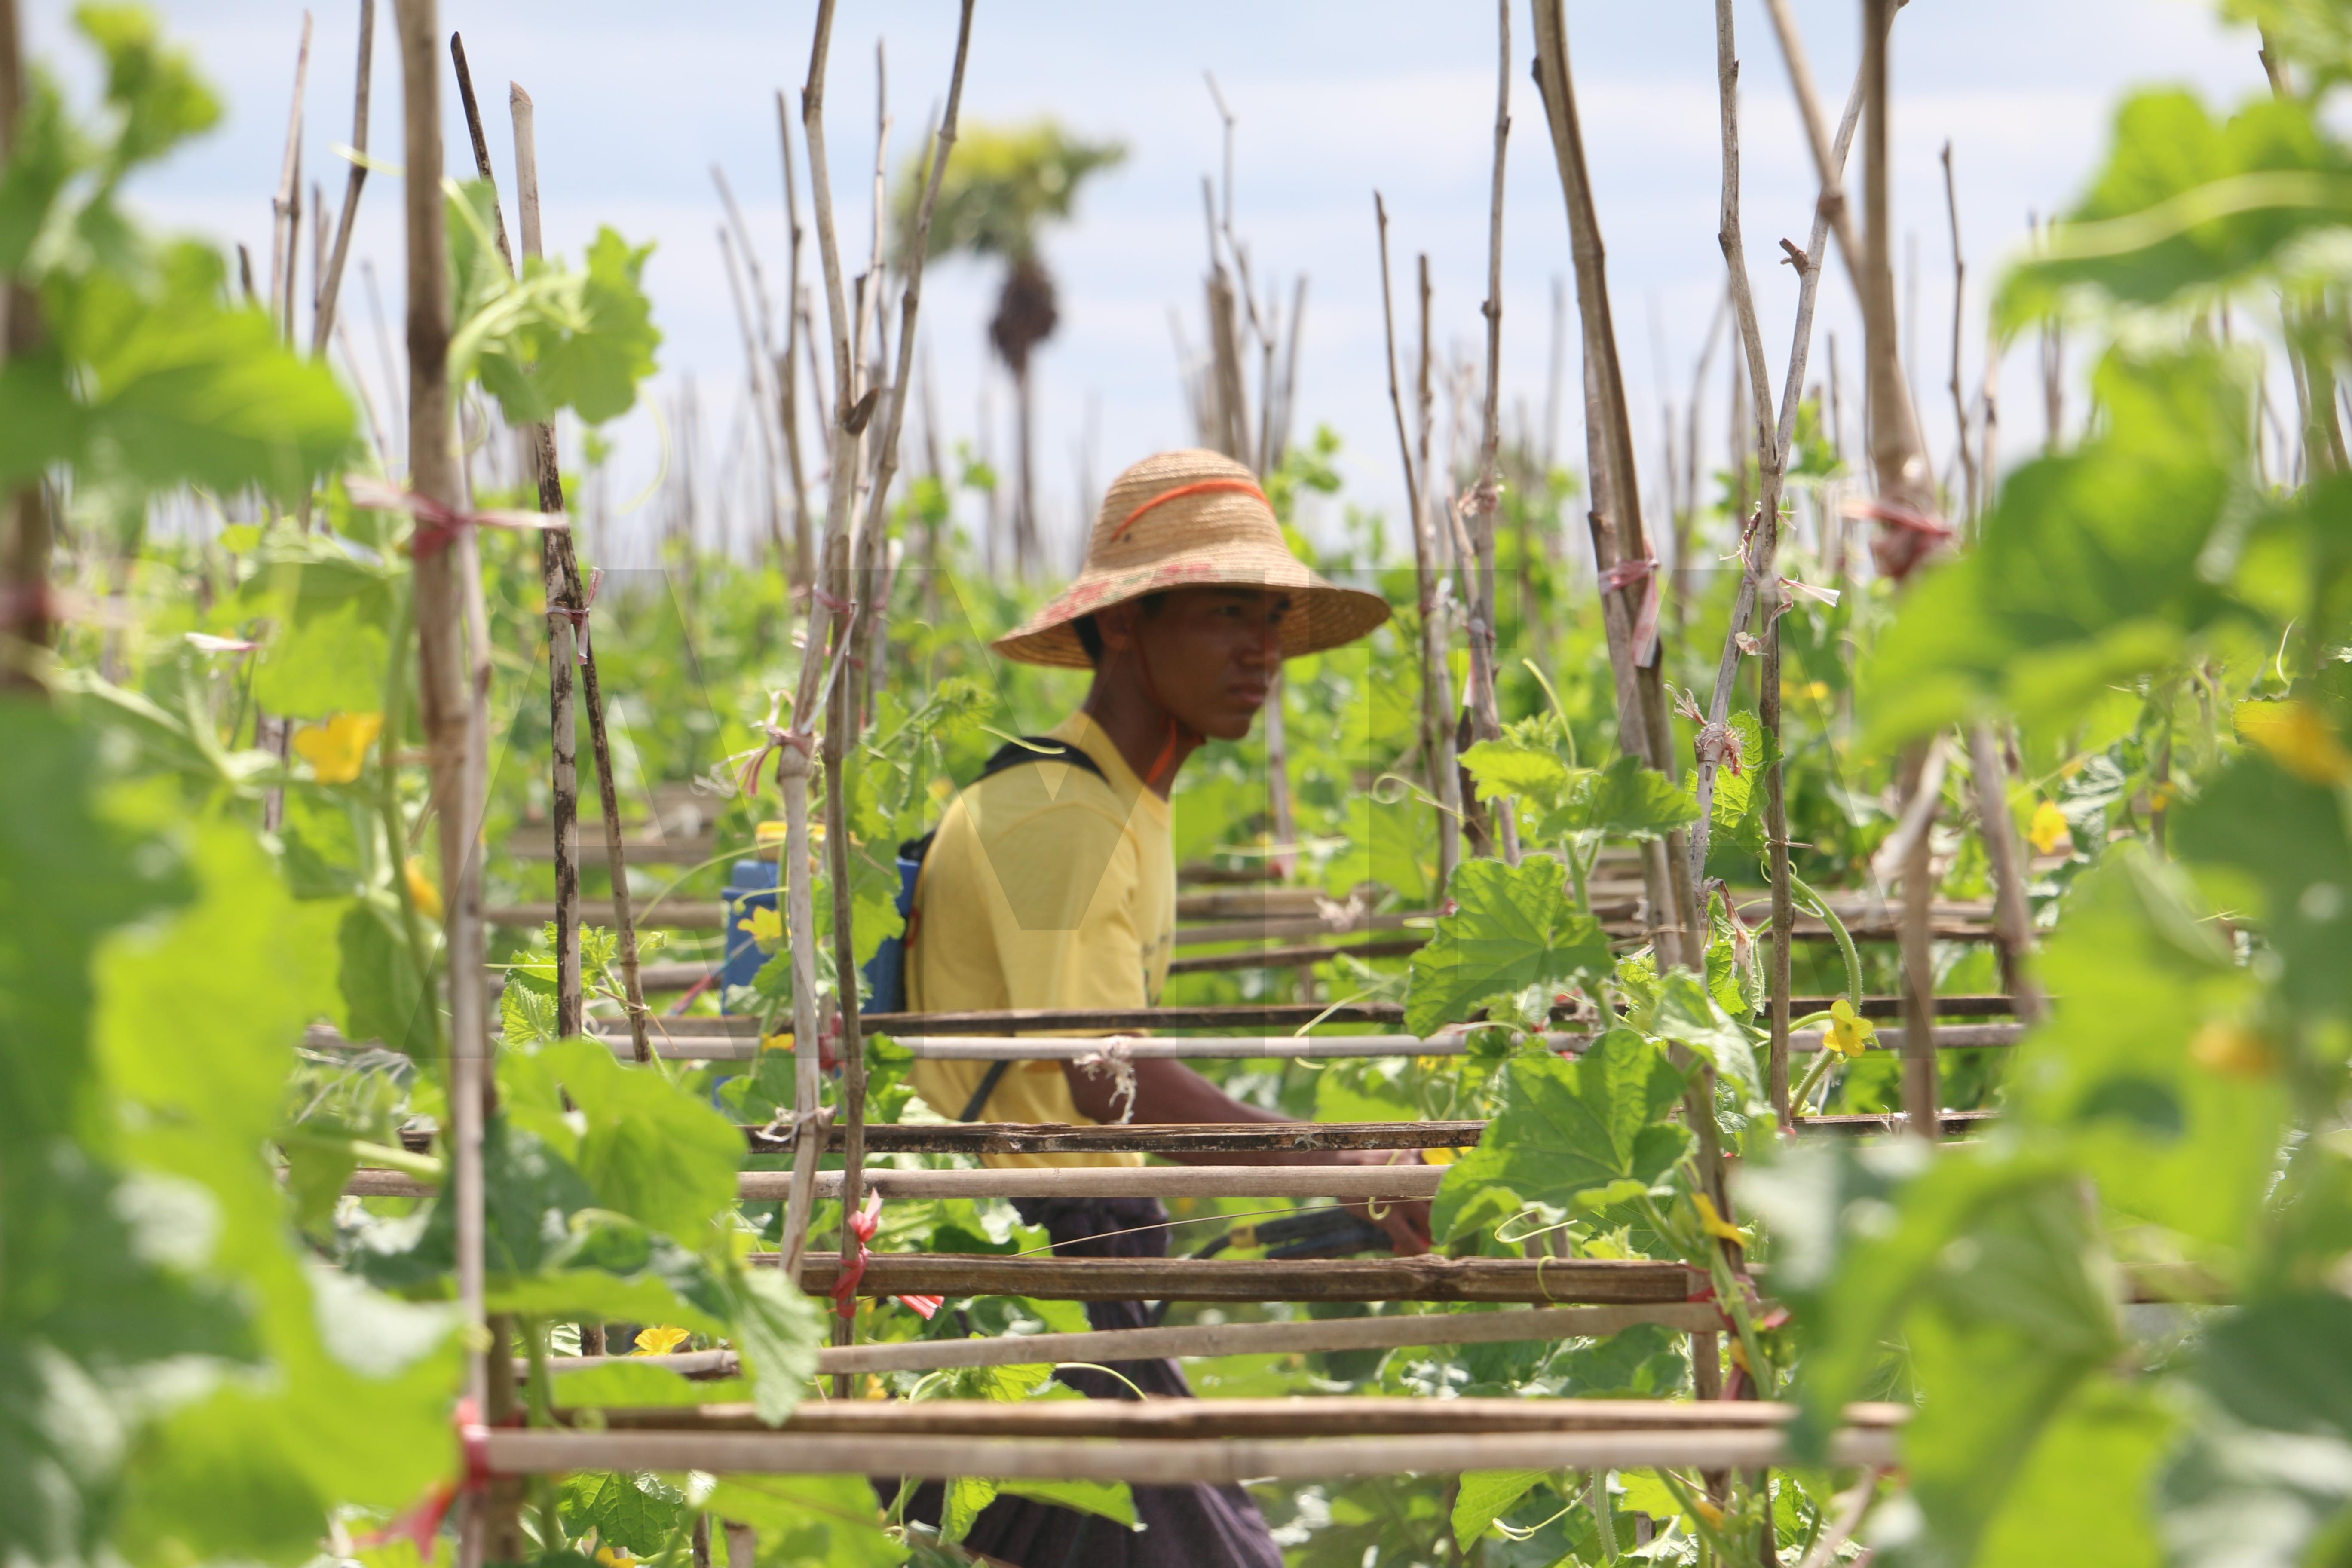 ဖရဲ၊ သခွား စိုက်ပျိုးထုတ်လုပ်မှု အချက်အလက်များ သုတေသနပြု ကောက်ယူသွားမည်